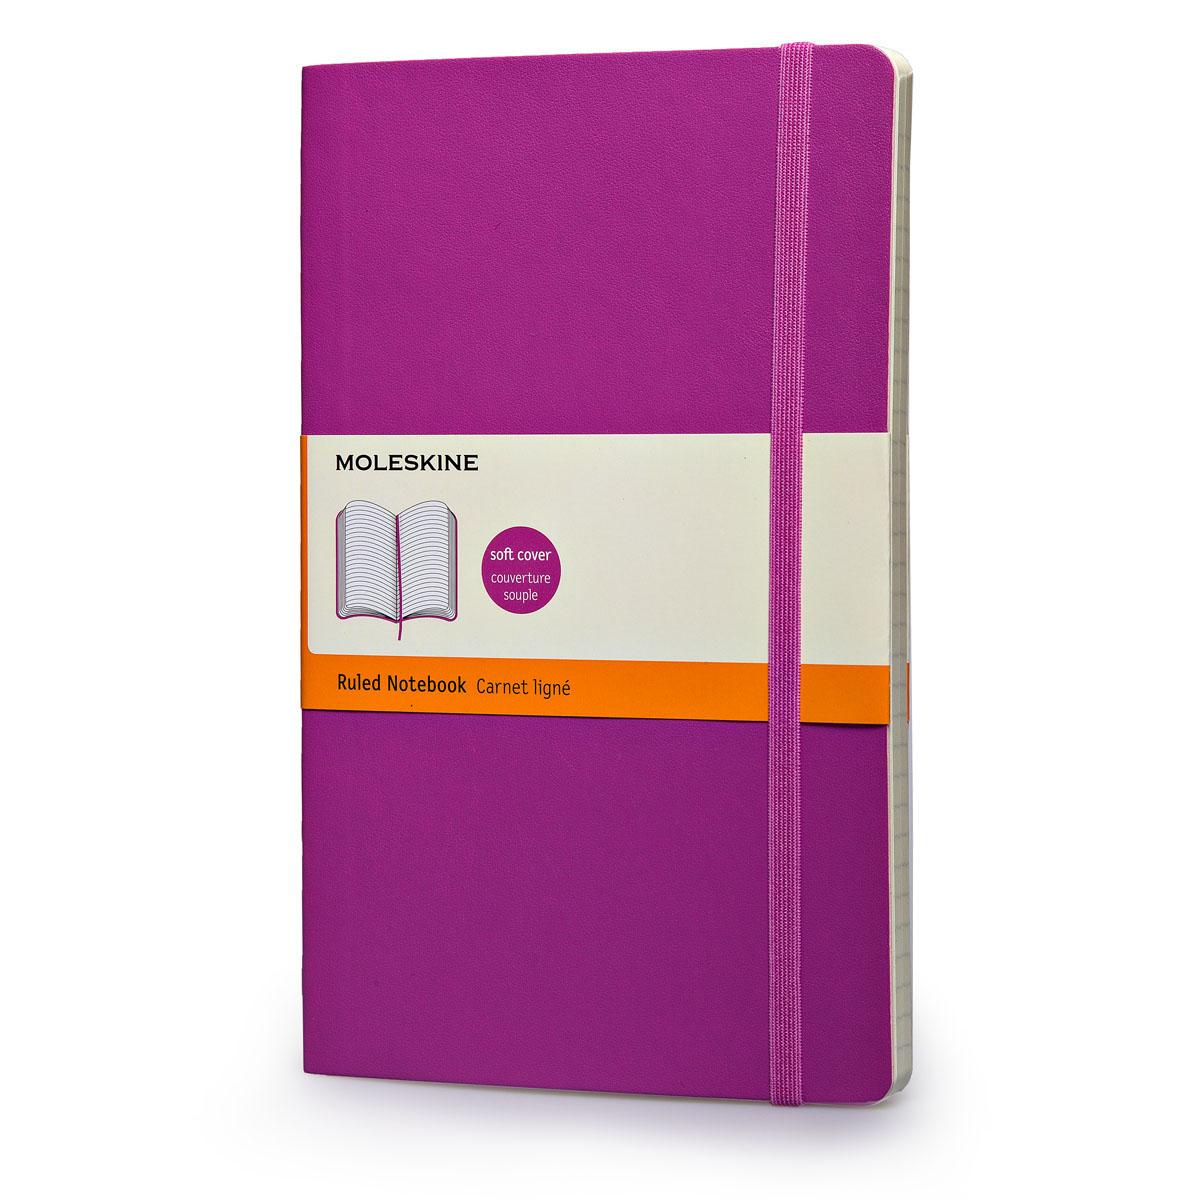 สมุด Moleskine Soft Cover มีเส้นบรรทัด ปกอ่อน สีชมพู - ขนาด Pocket